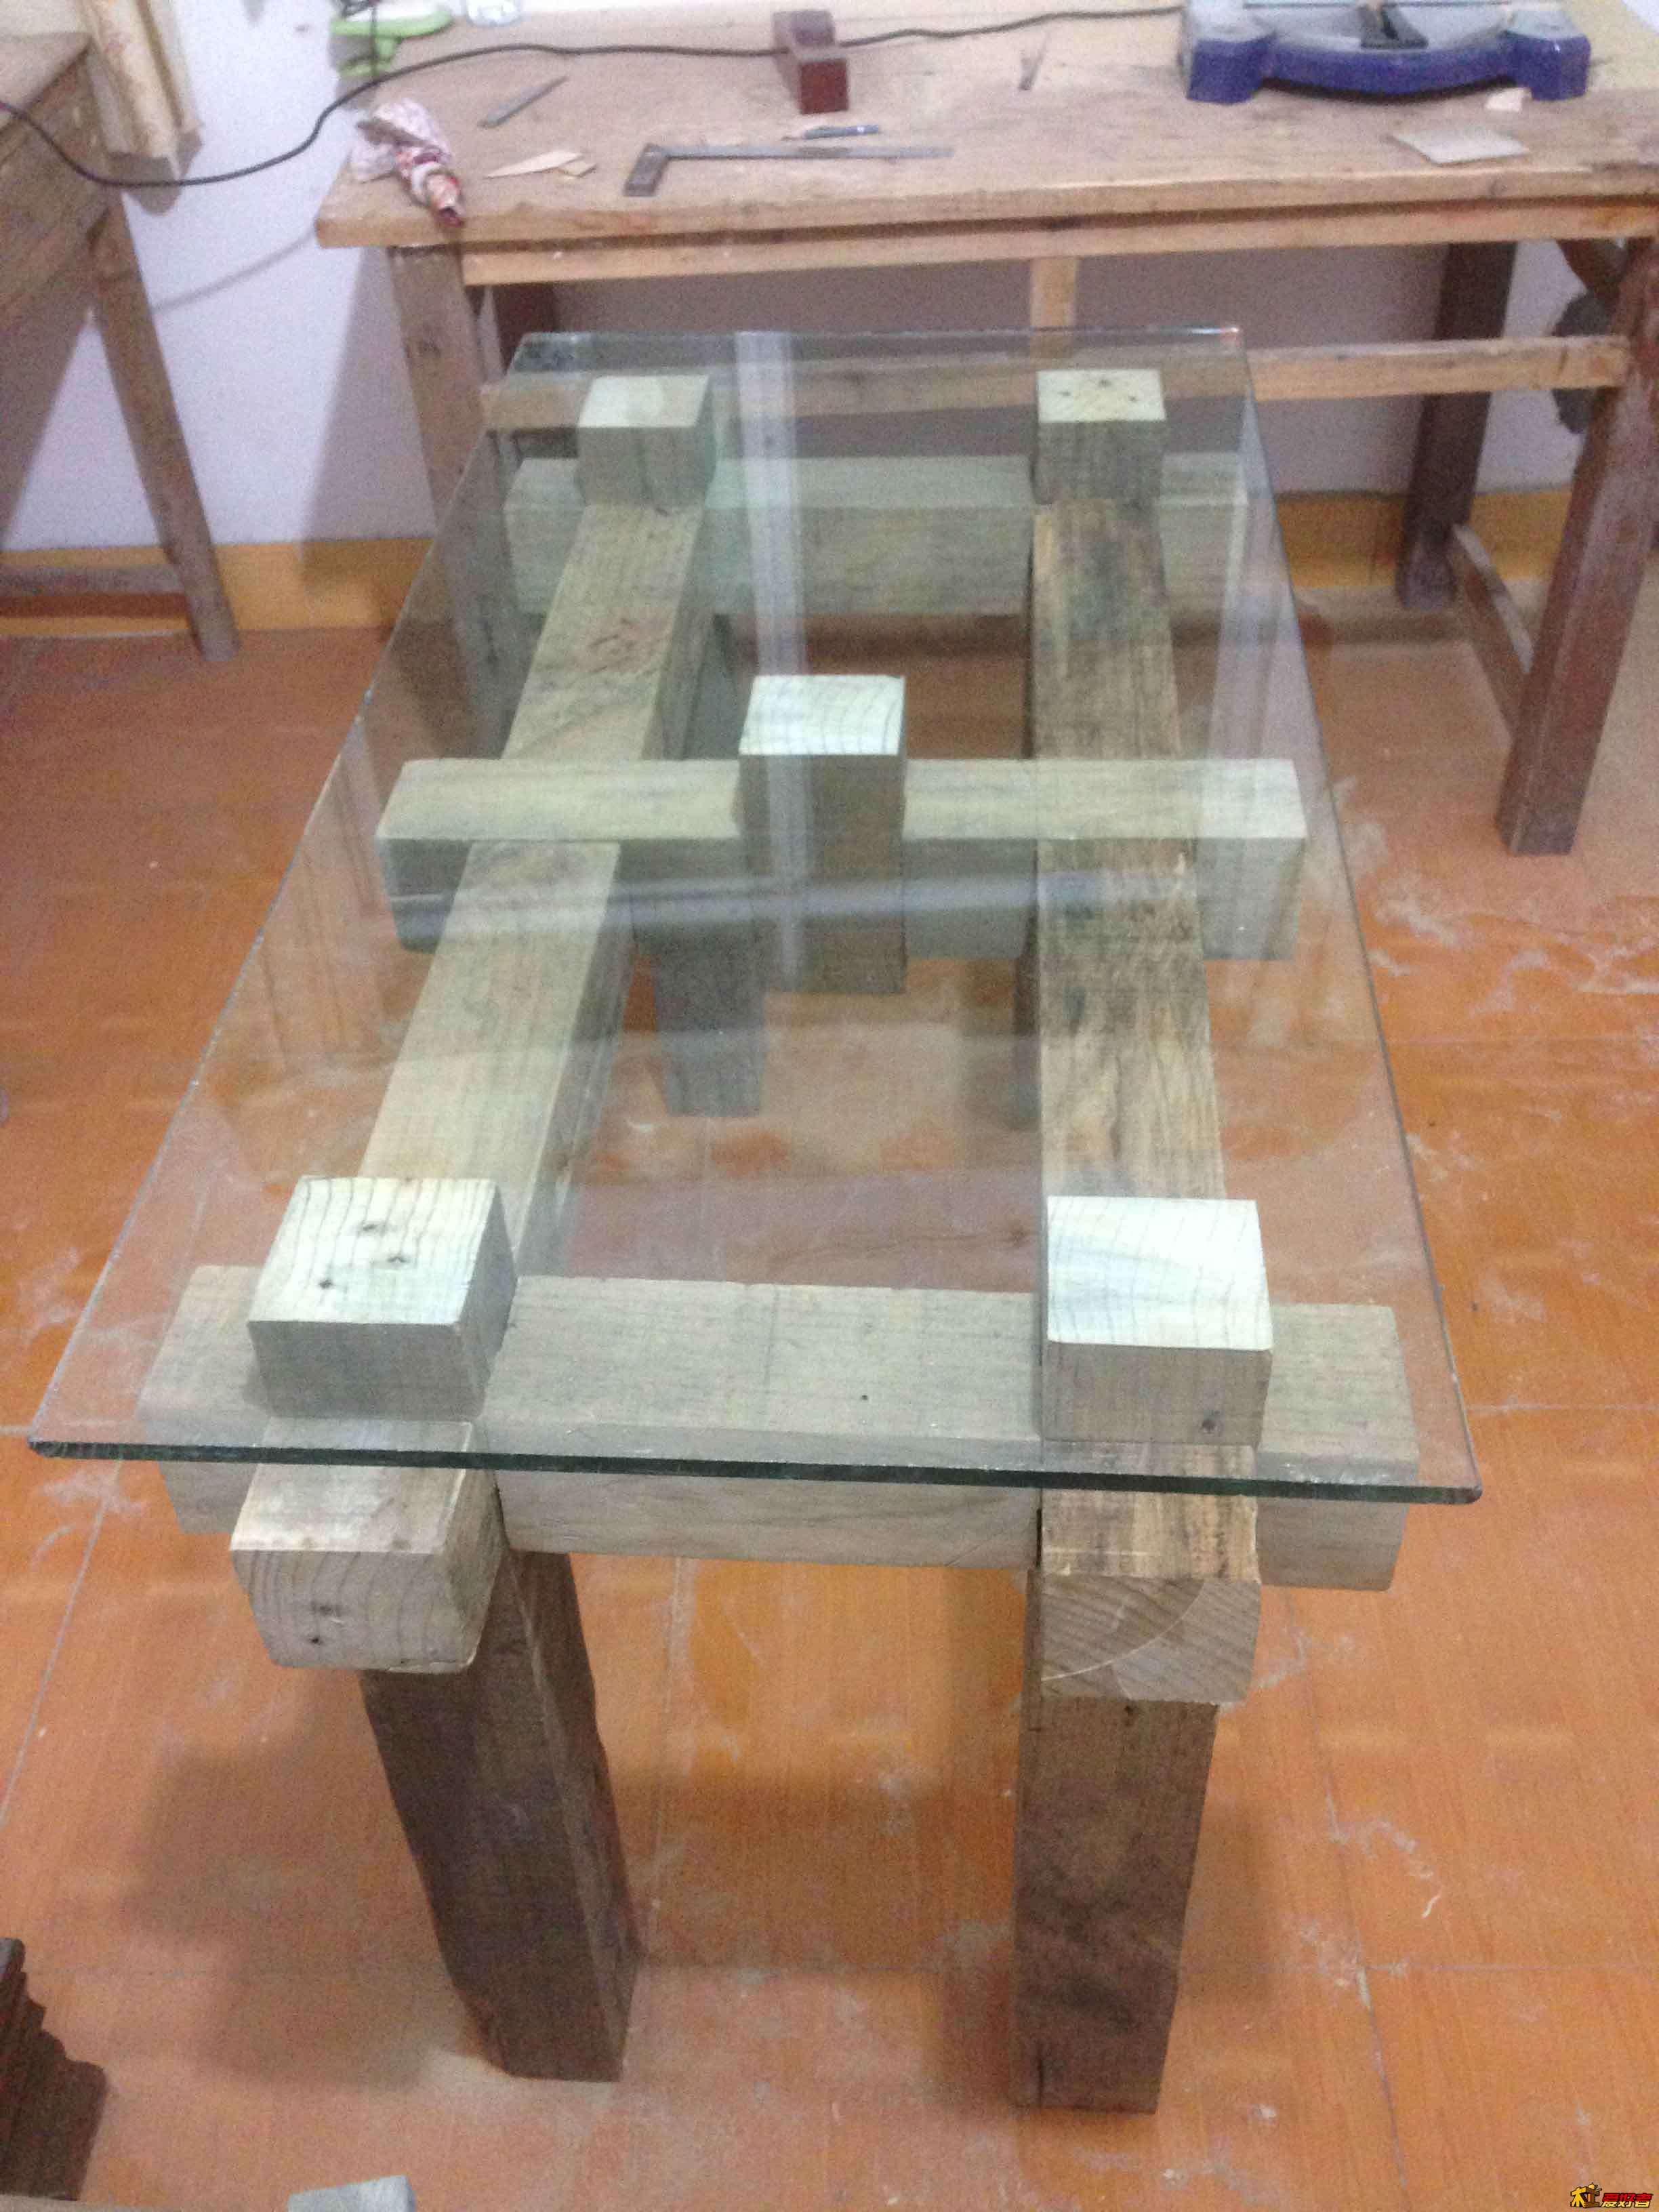 松木旧料制作电脑桌 一直想做个电脑桌,前些日子在二手家具市场发现了几根松木方料,突然有了想法,就用这种大方木料做个桌子,木料表面不要处理,就这么直接用,处理干净了反而没有意思,桌面就用玻璃,当即就把木料买了回来,想好了造型,计算好尺寸,就开始下料,加工,当时草图都没有来得及画。 2米长的方料,10公分*10公分 按尺寸截好 加工 加工好的料 拼装之后 放上玻璃,玻璃后1.